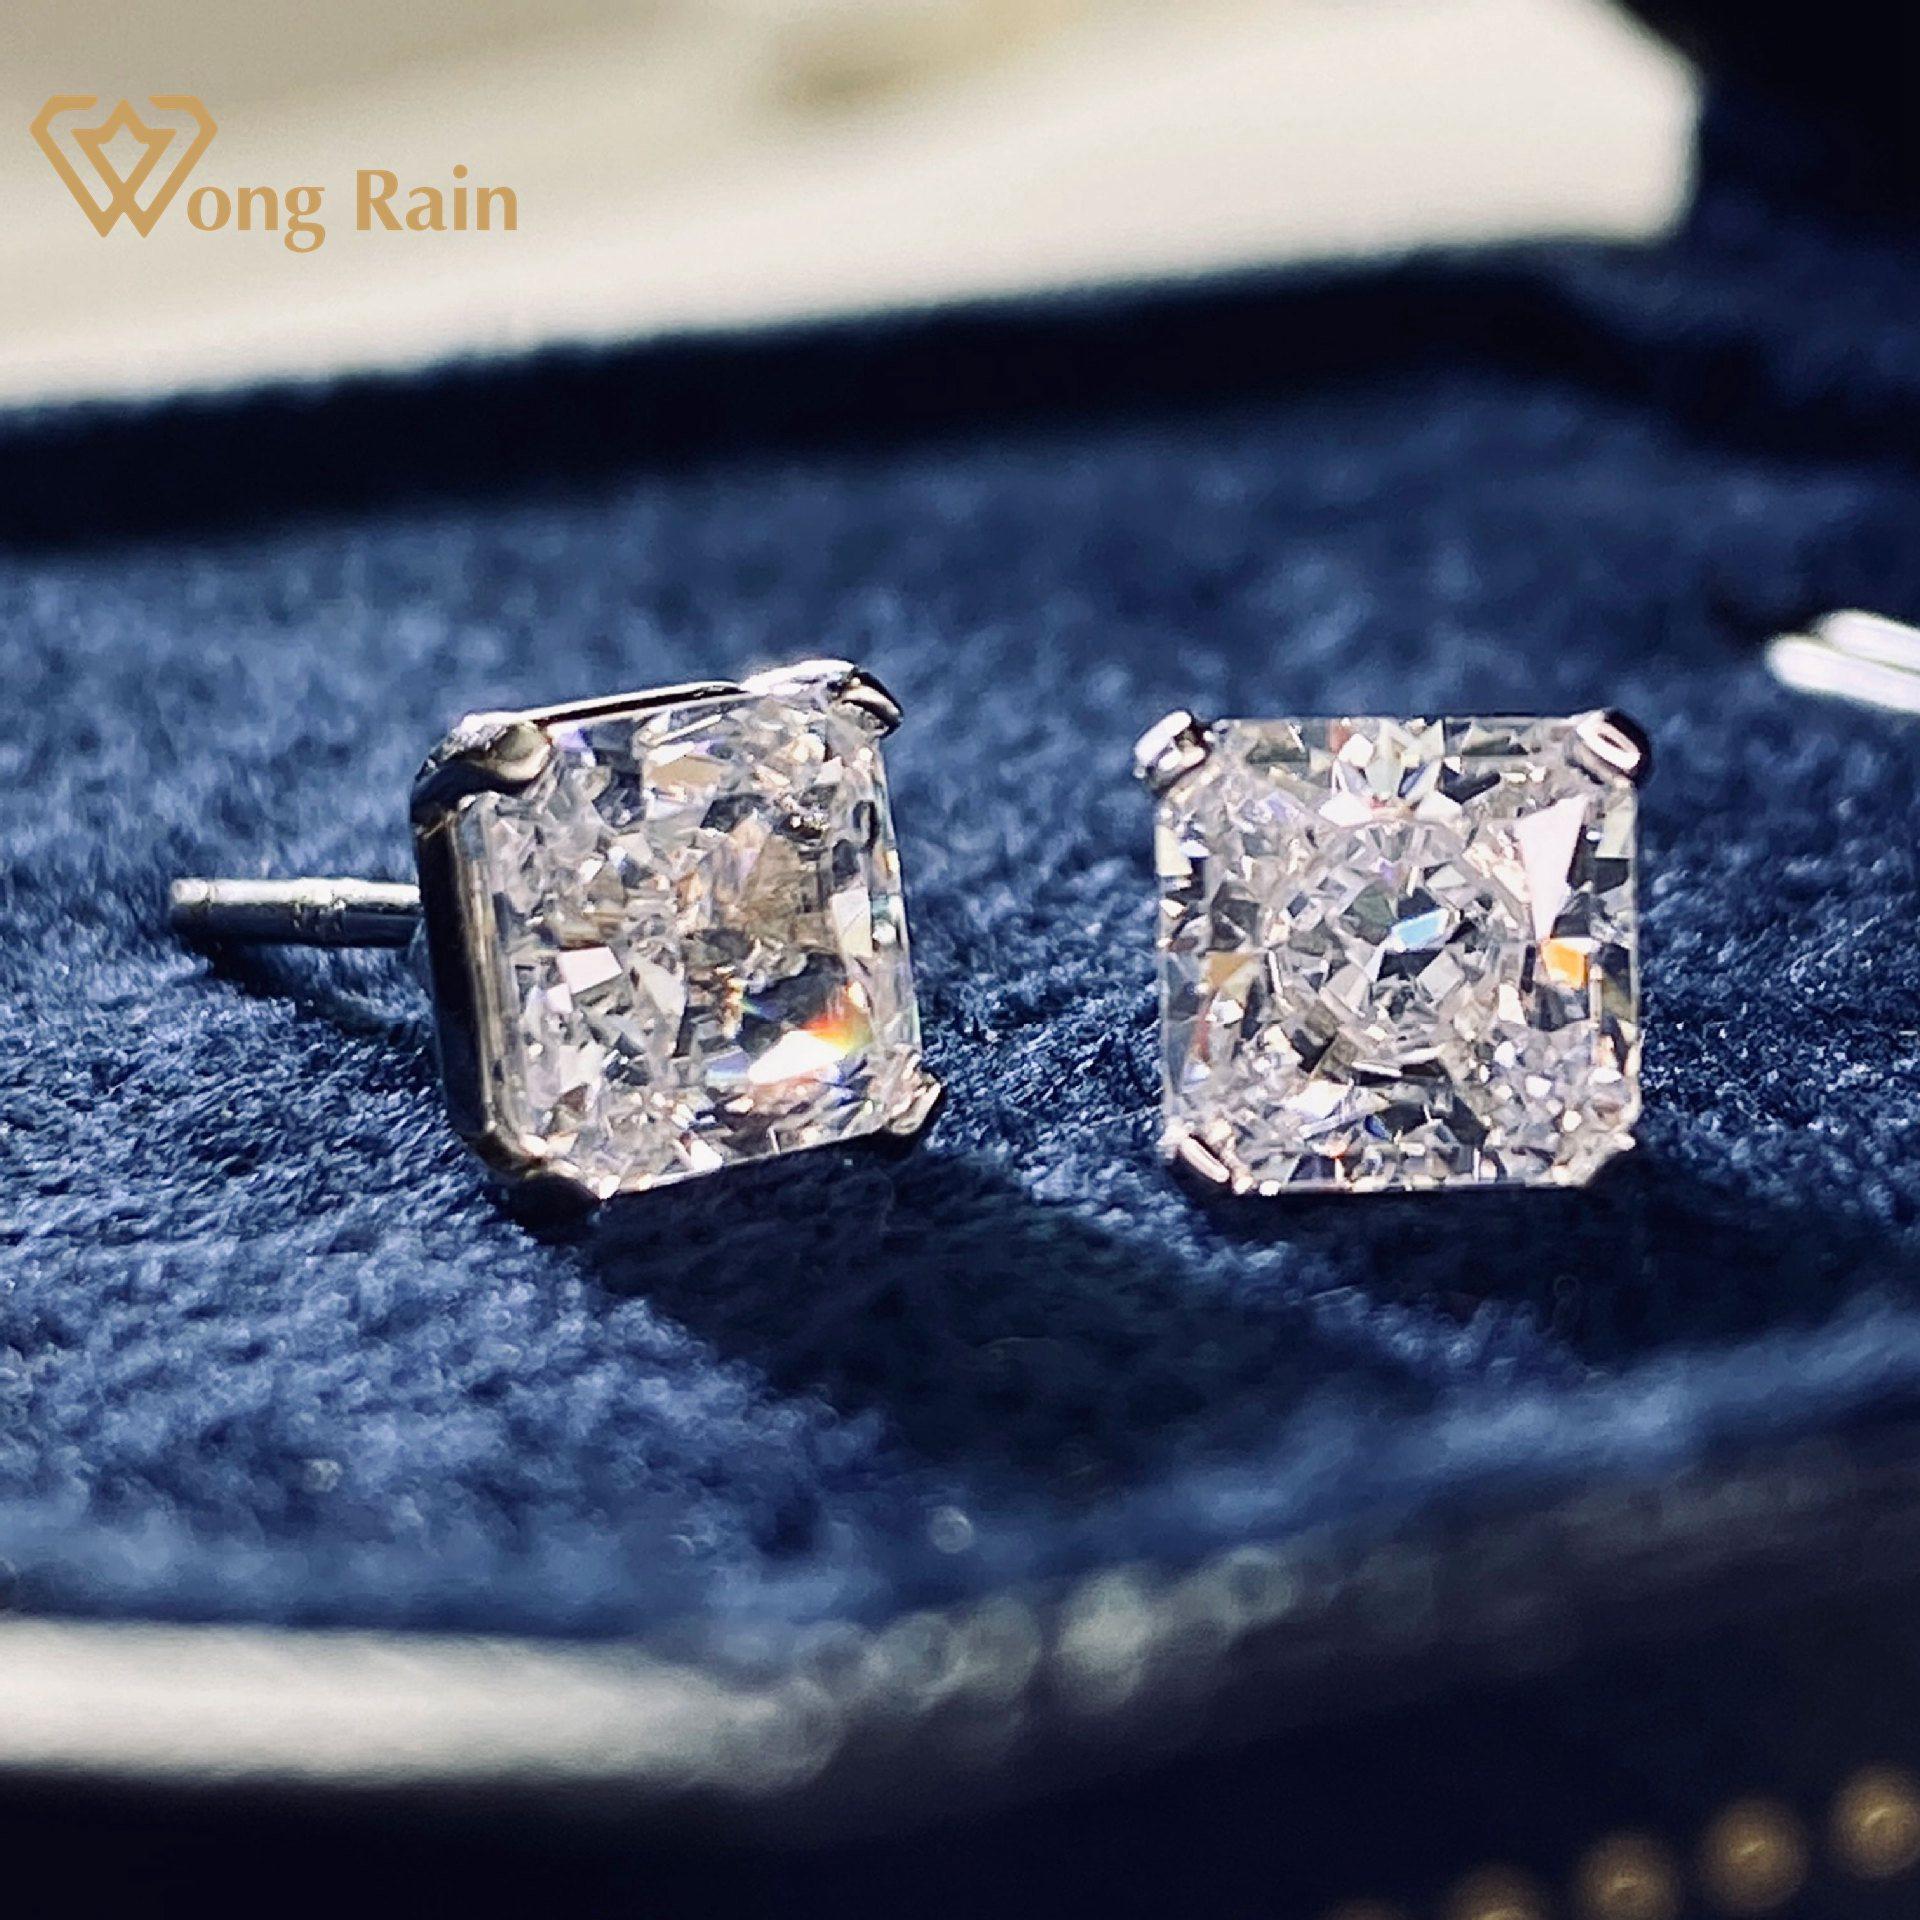 Wong Rain 925 en argent Sterling créé Moissanite diamants pierres précieuses de mariage fiançailles bijoux fins boucles d'oreilles boucles d'oreilles en gros